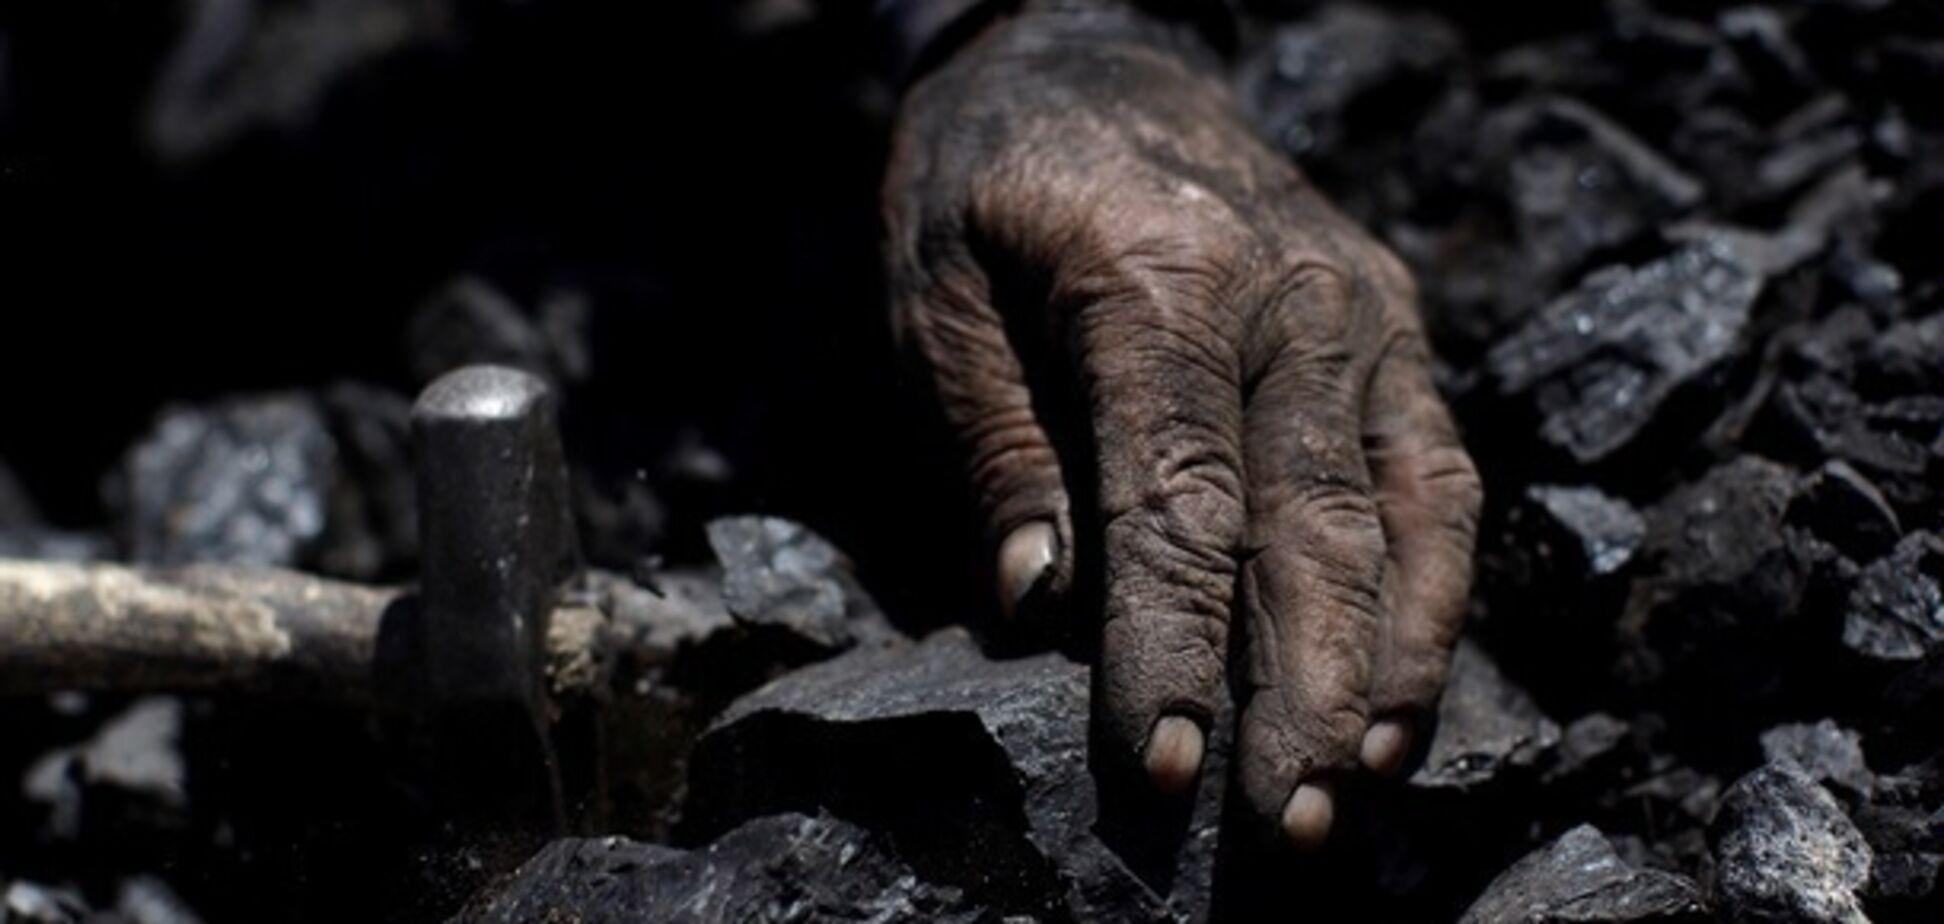 Нашли в вагоне: на Днепропетровщине на шахте случилось жуткое ЧП с женщиной